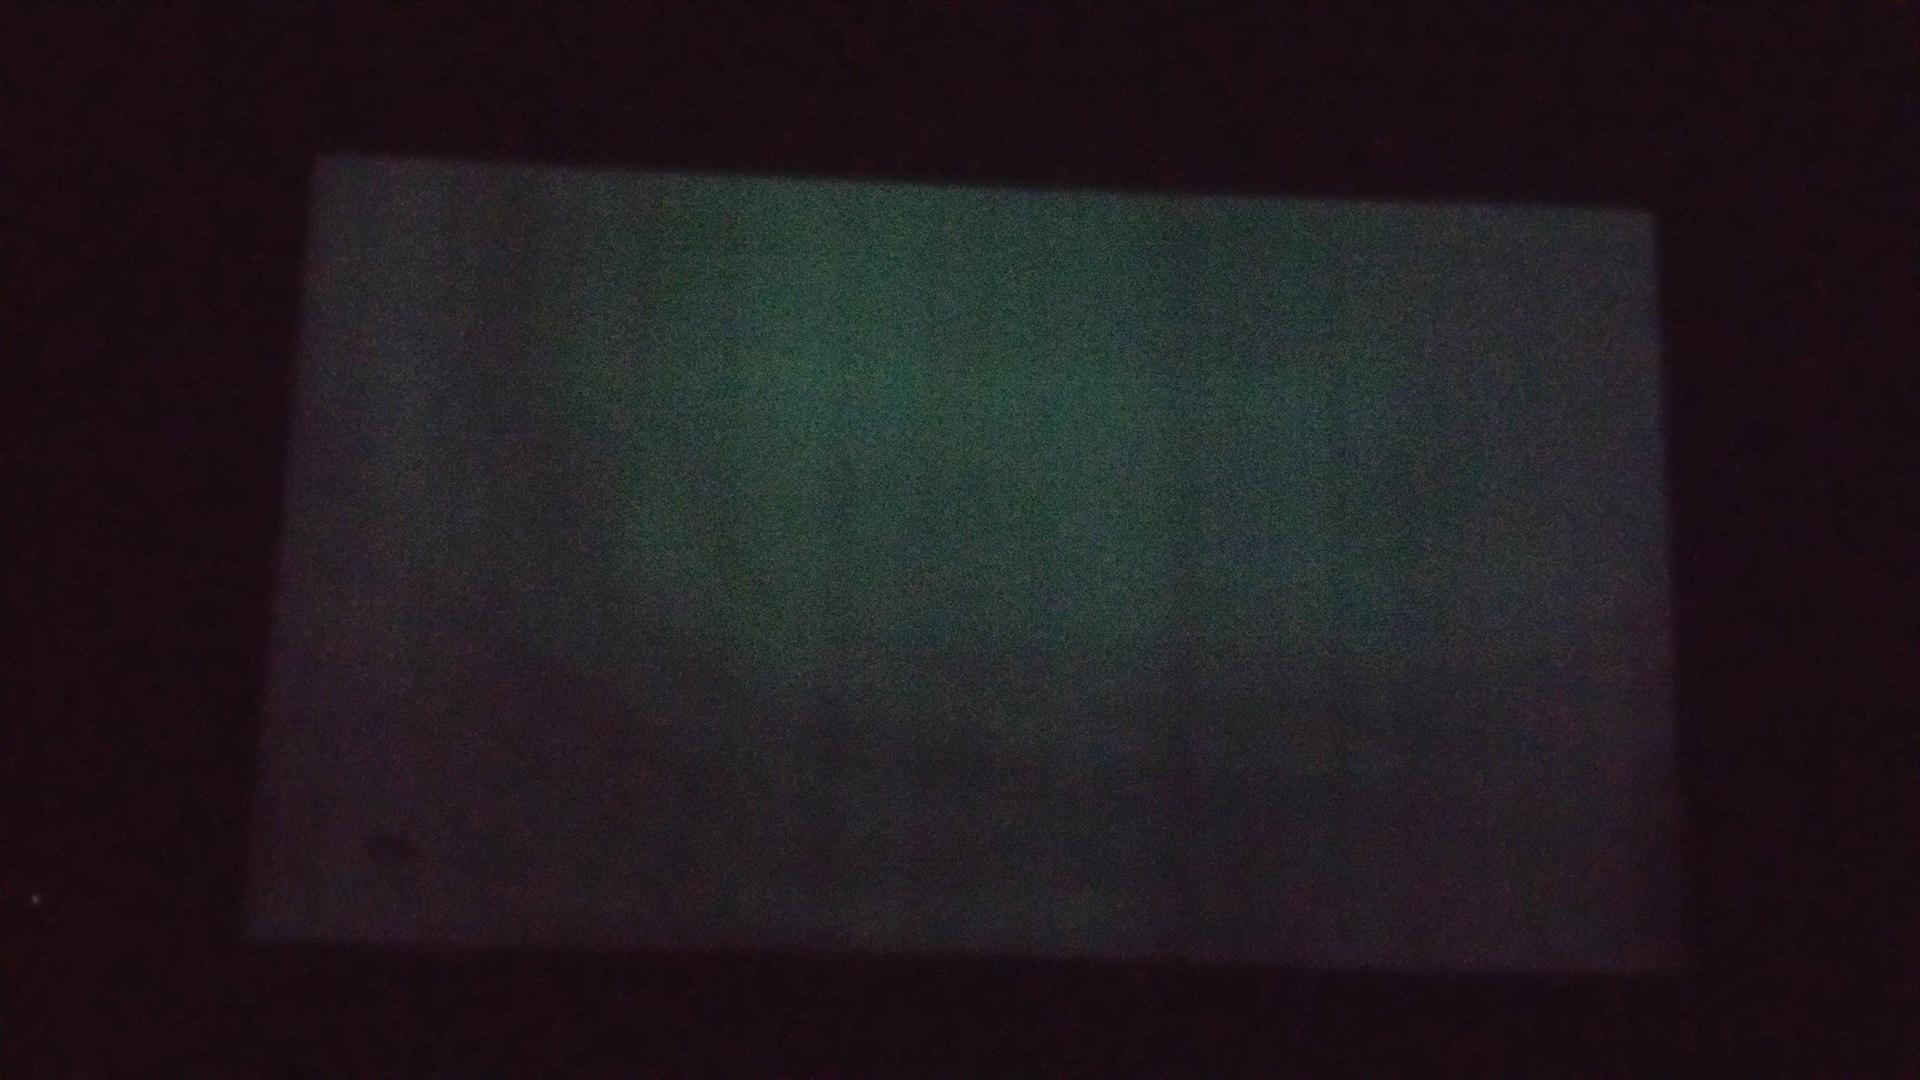 Isf Dunkler Raum 5 Graubild 1 Dunkler Graubild Isf Offtopic